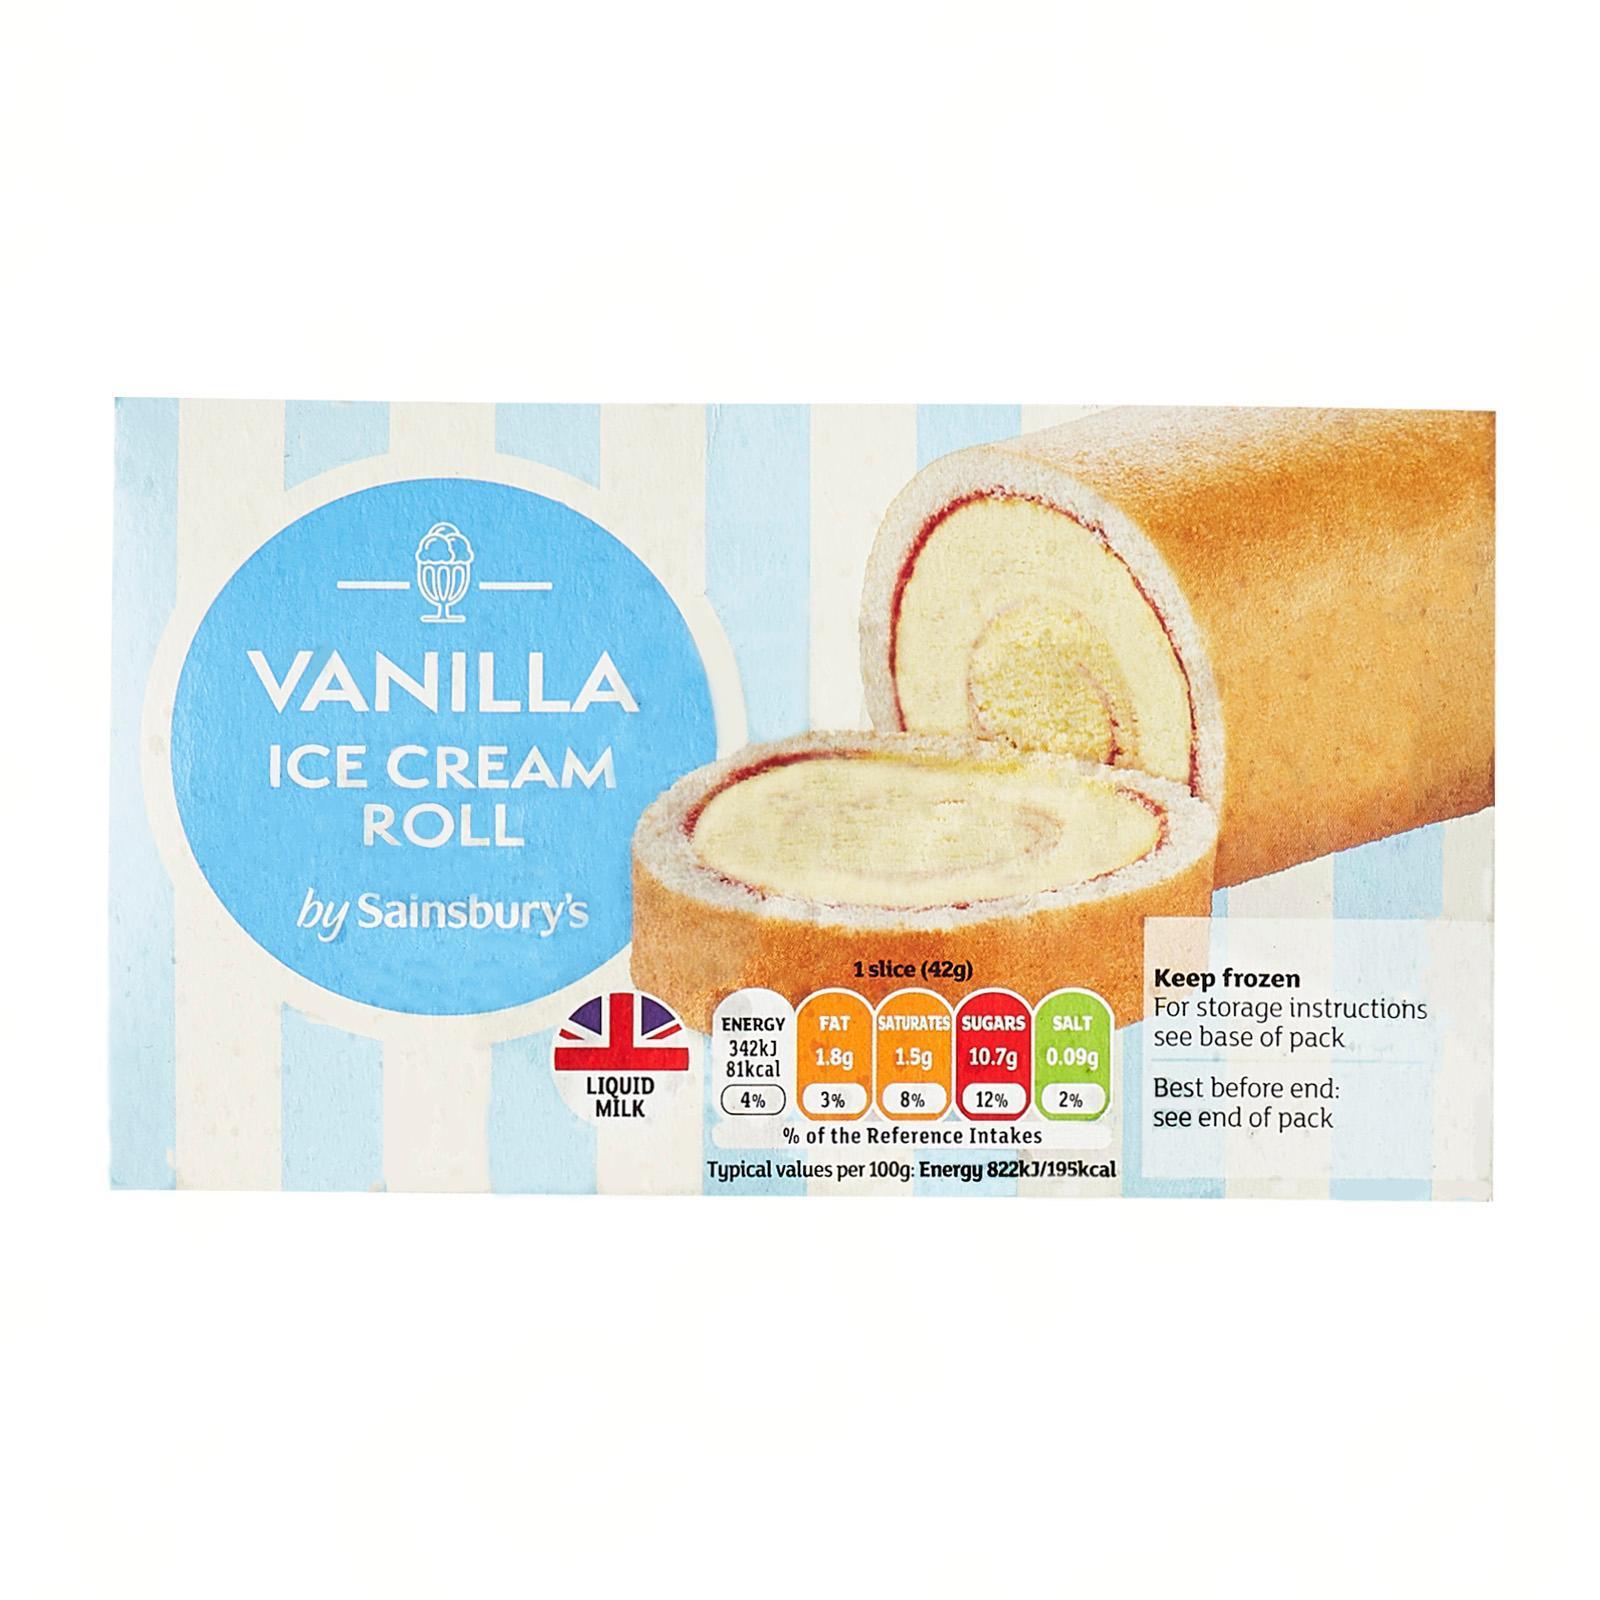 Sainsbury's Ice Cream Roll - Frozen